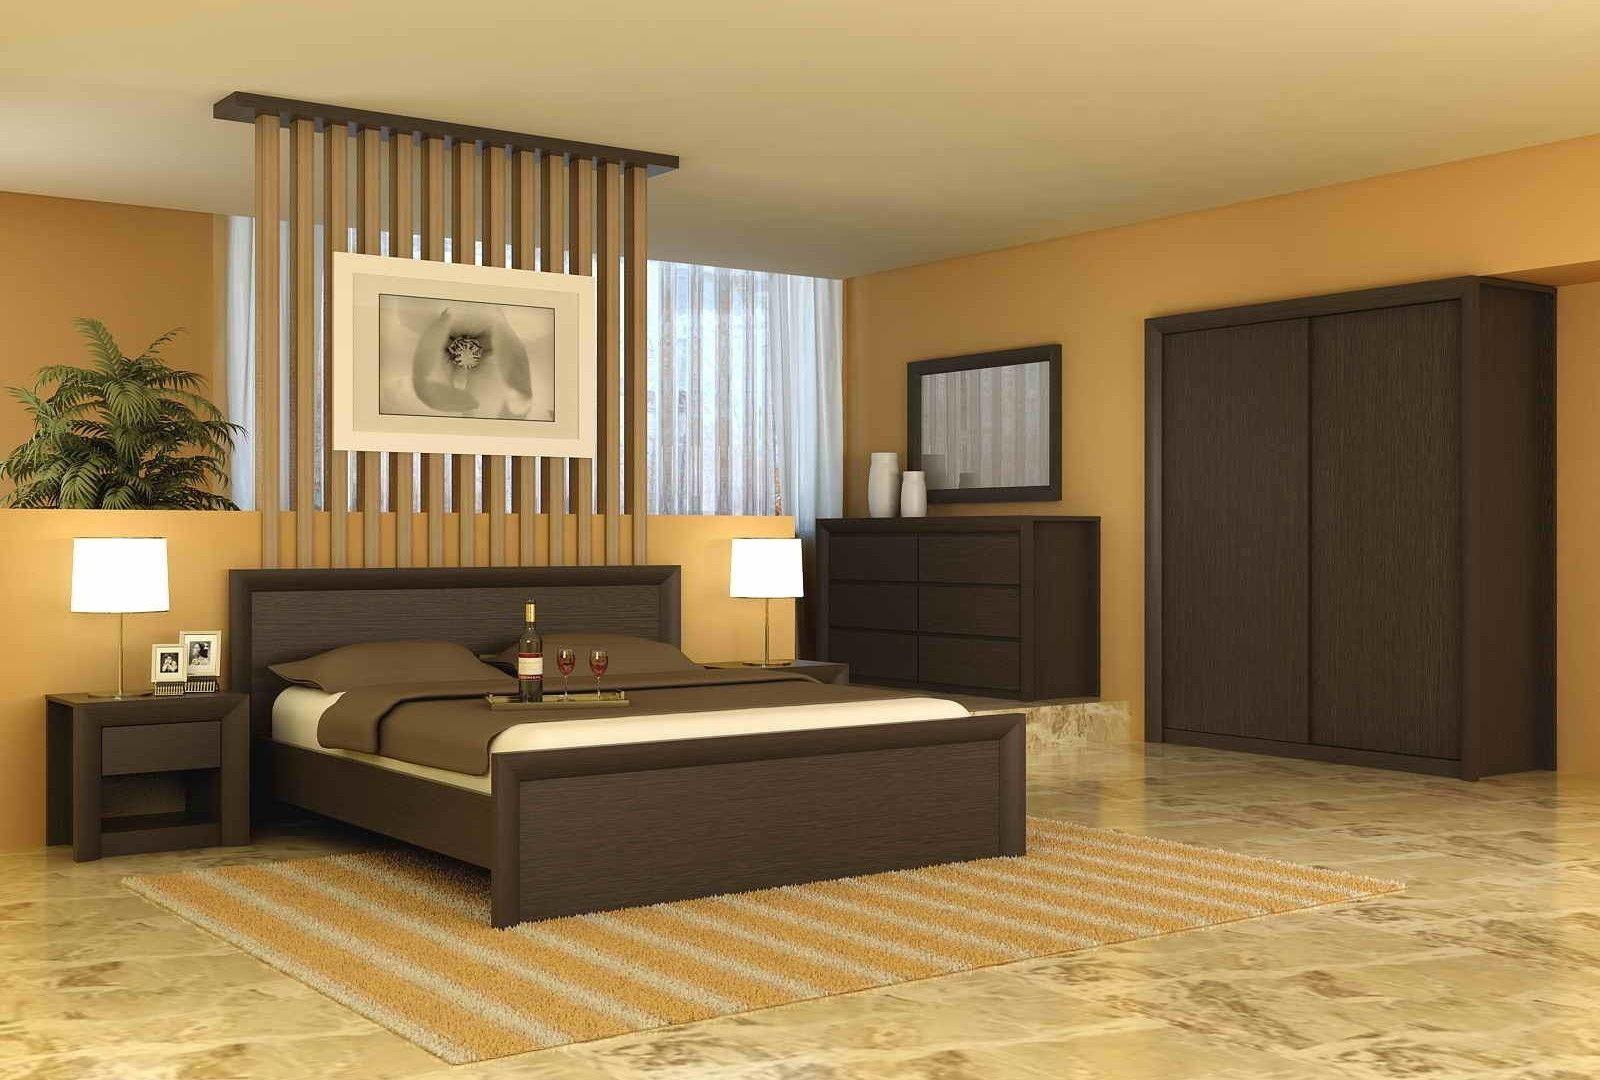 Simple Bedroom Wall Wardrobe Design Simple Modern Bedroom Pertaining To Simple Bedroom Furniture Des Guest Bedroom Remodel Simple Bedroom Small Bedroom Remodel Minimalist modern furniture bedroom